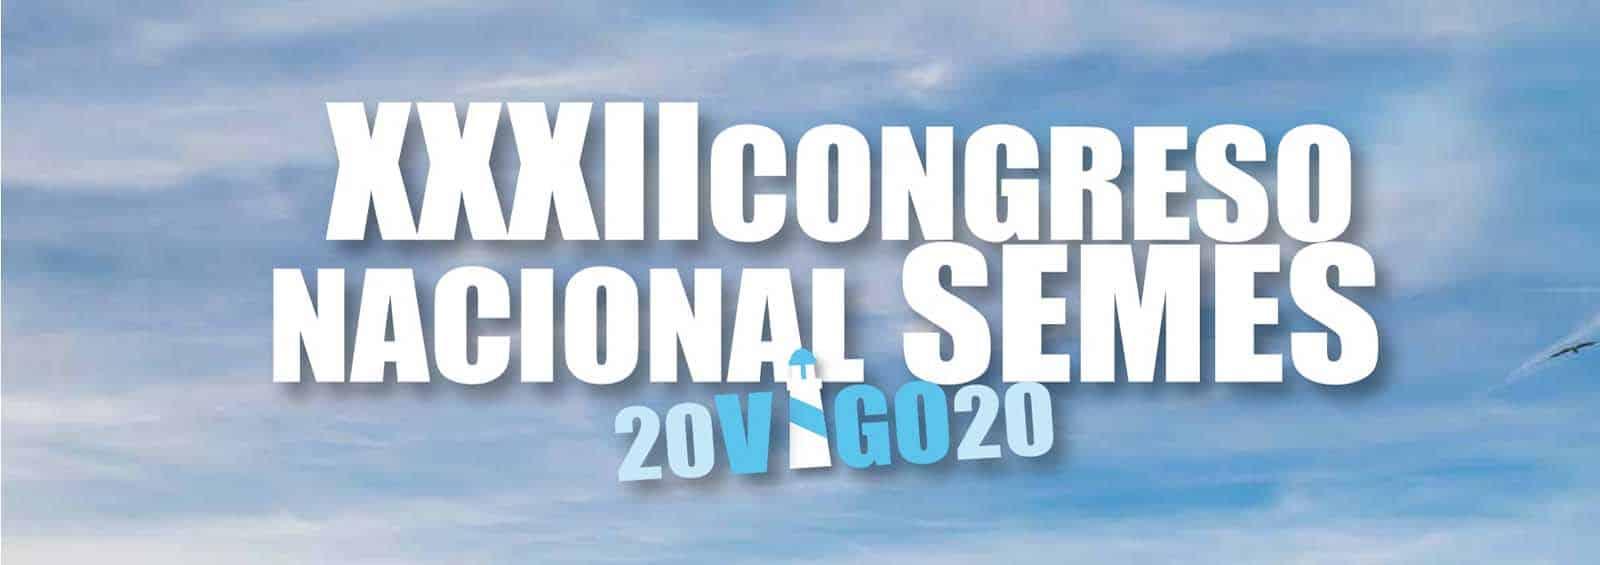 XXXII Congreso Nacional SEMES 20VIGO20